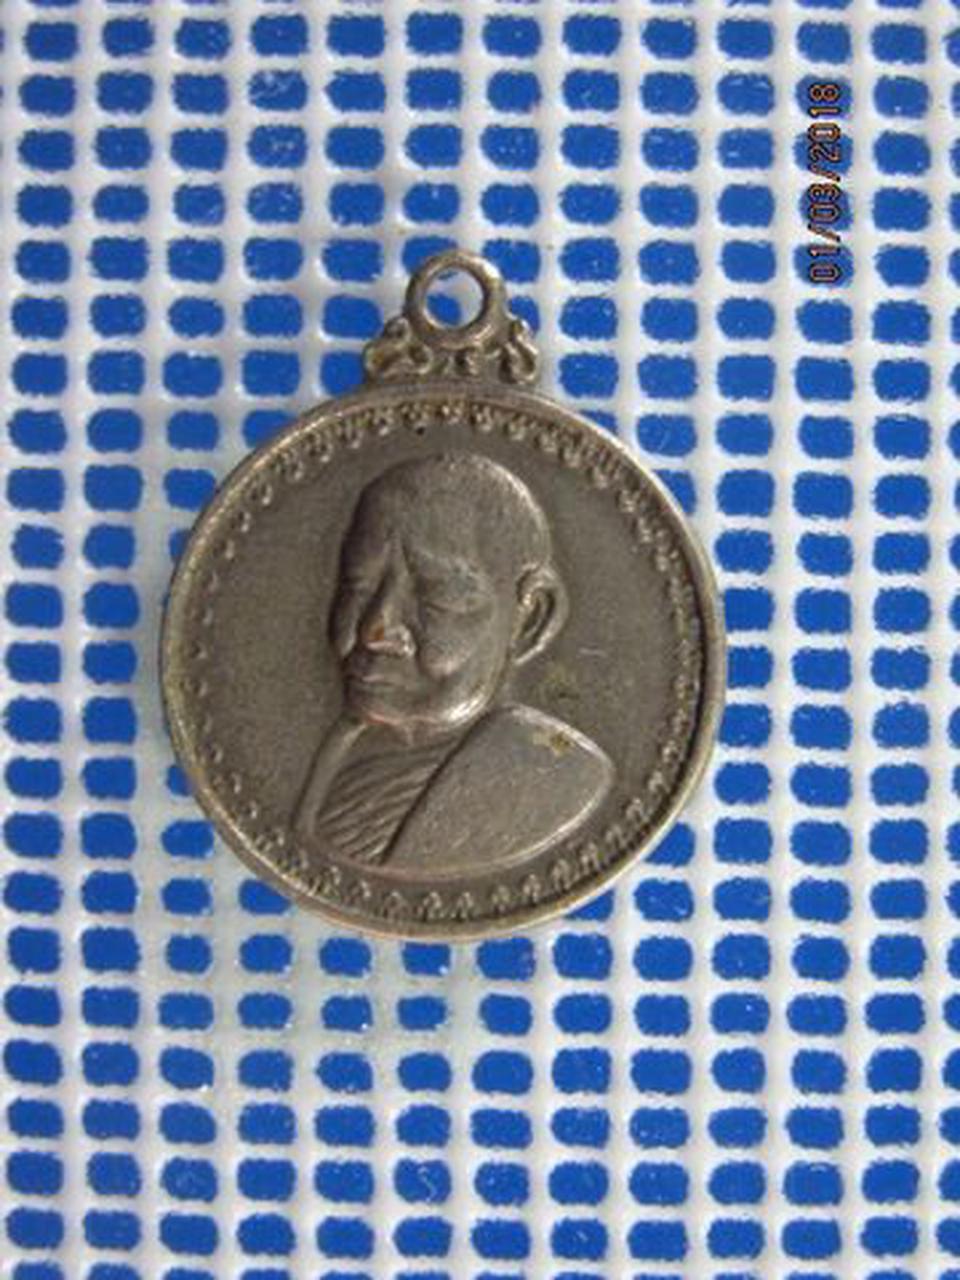 5123 เหรียญกลมเล็ก ลป แหวน วัดดอยแม่ปั๋ง ปี 2519 จ.เชียงใหม่ รูปที่ 2